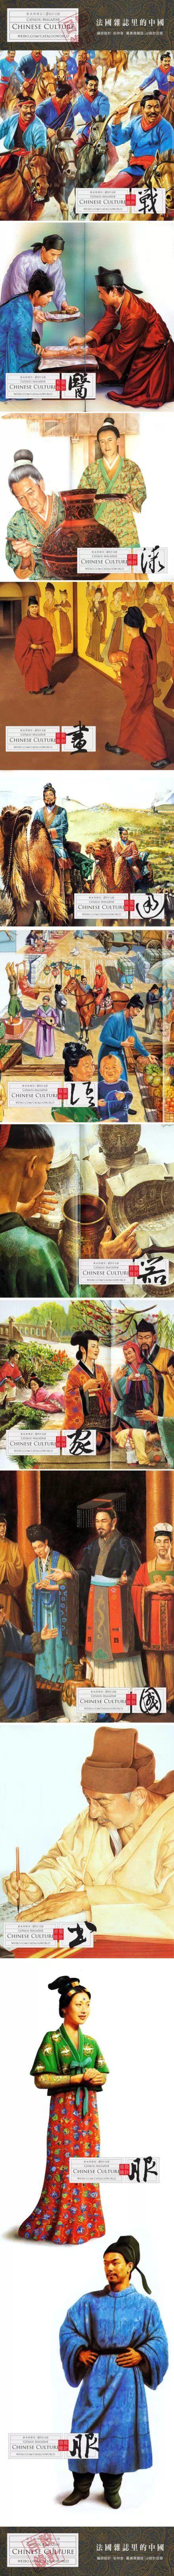 栖凤阁汉服,法国杂志里高度文明的古代中国